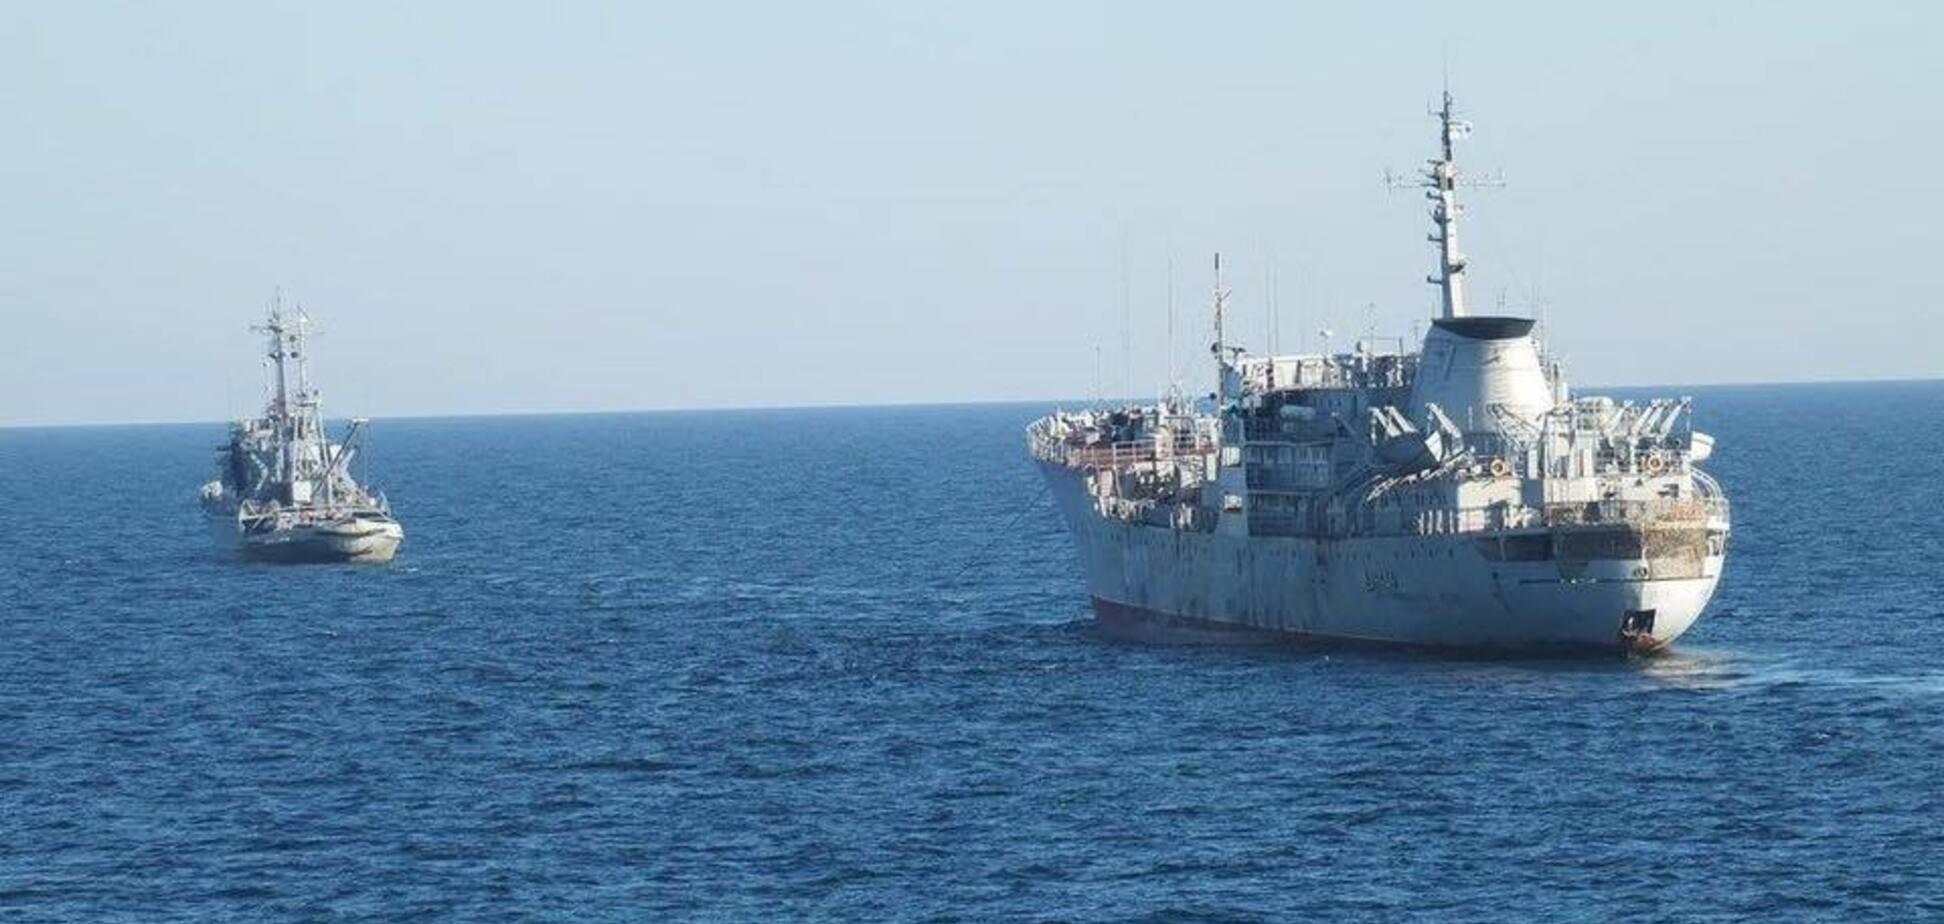 Флот Украины подобрался к Крыму: стало известно об опасных инцидентах